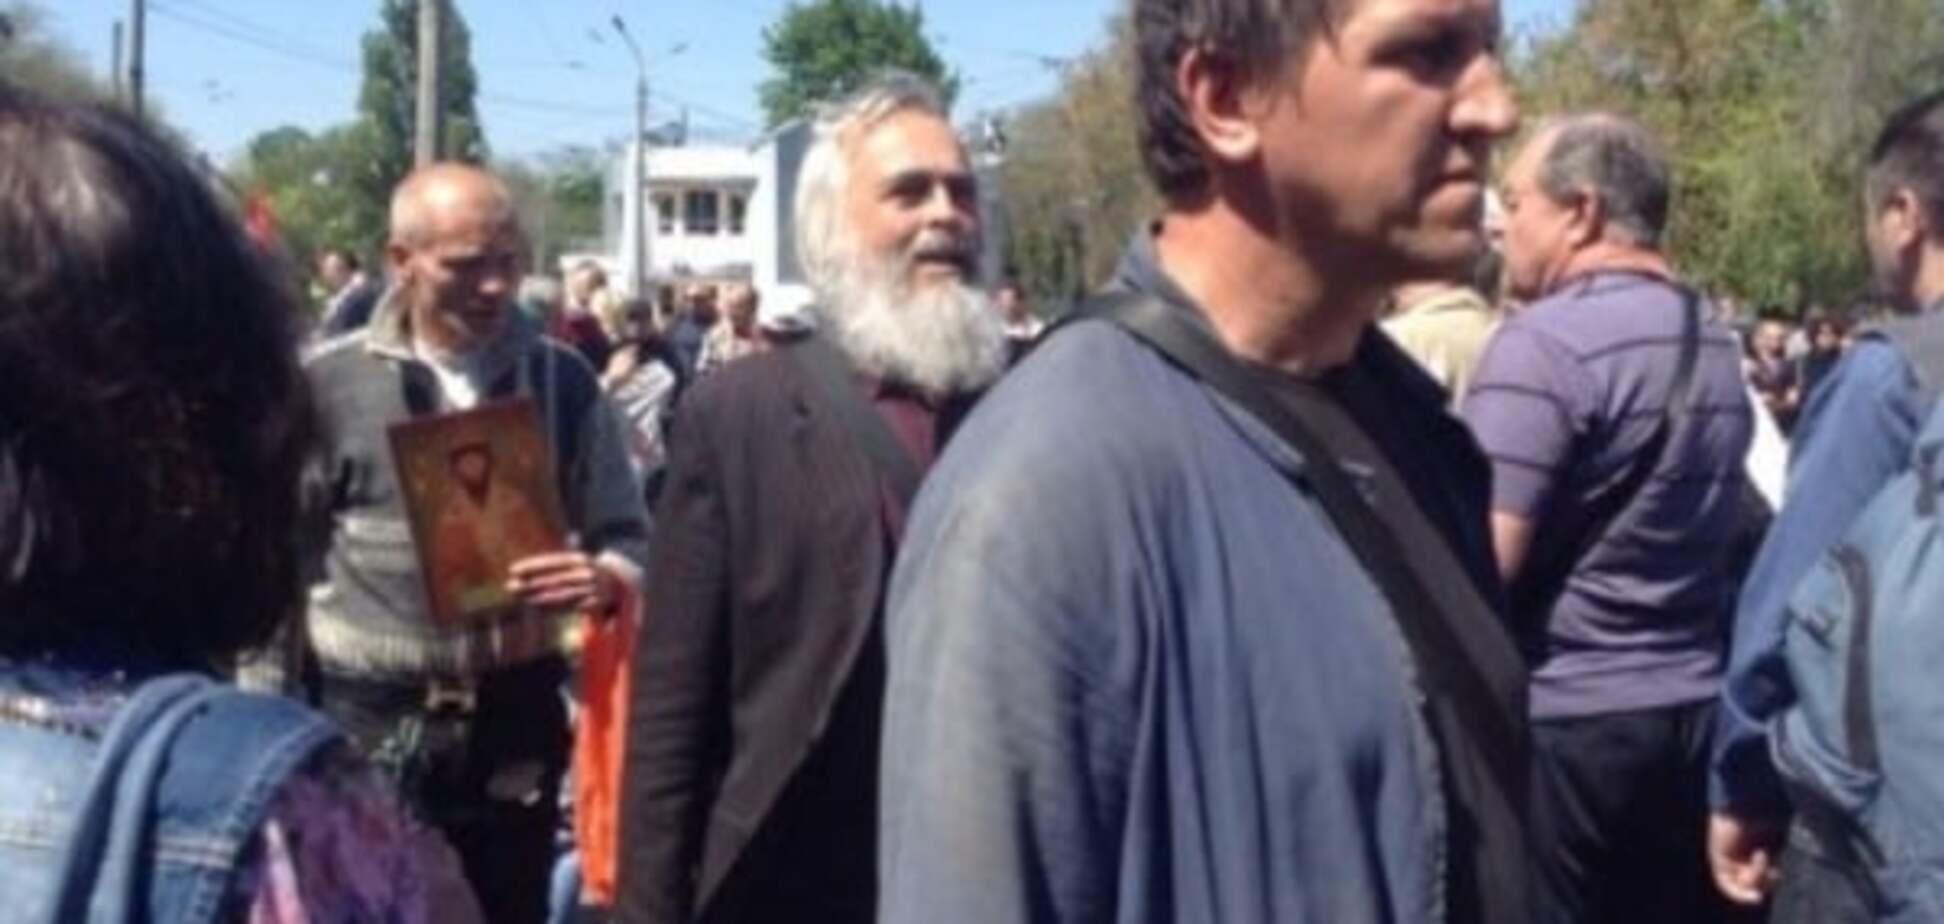 Річниця трагедії 2 травня в Одесі: поліція затримала вже 12 осіб